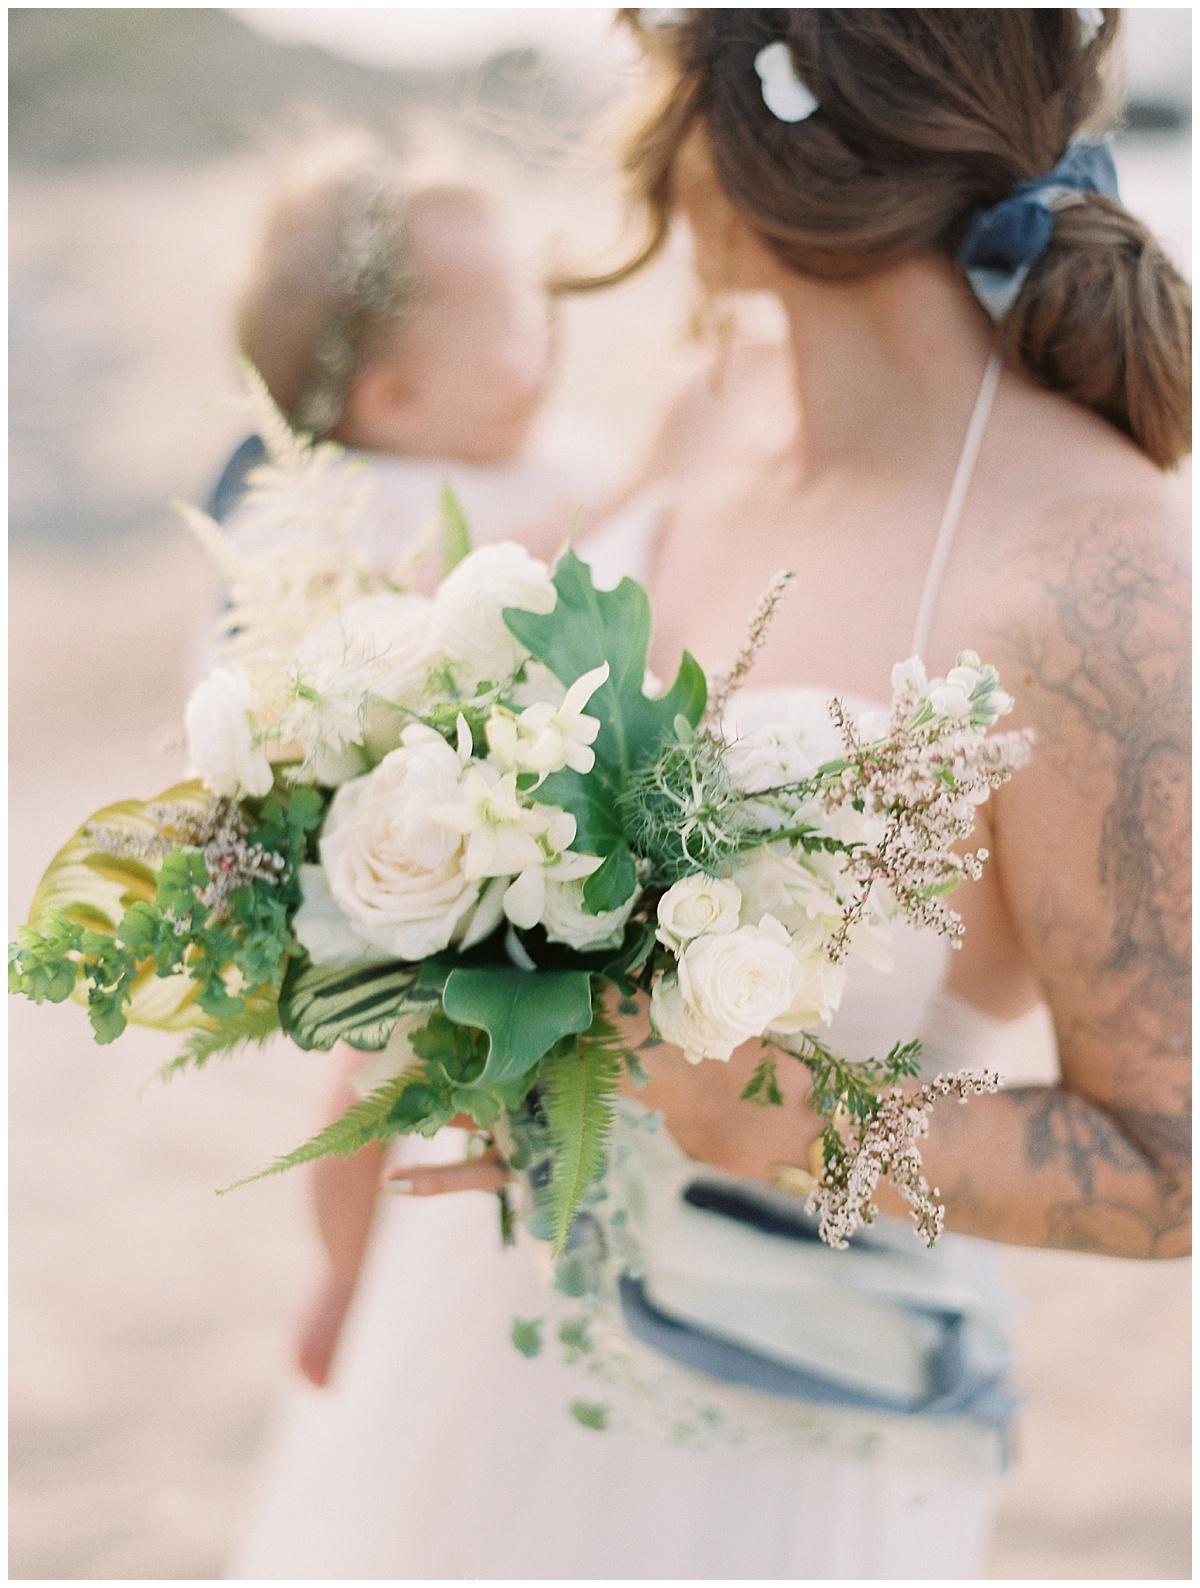 beach-elopement-bride-baby-girl-white-flower-bouquet.jpg